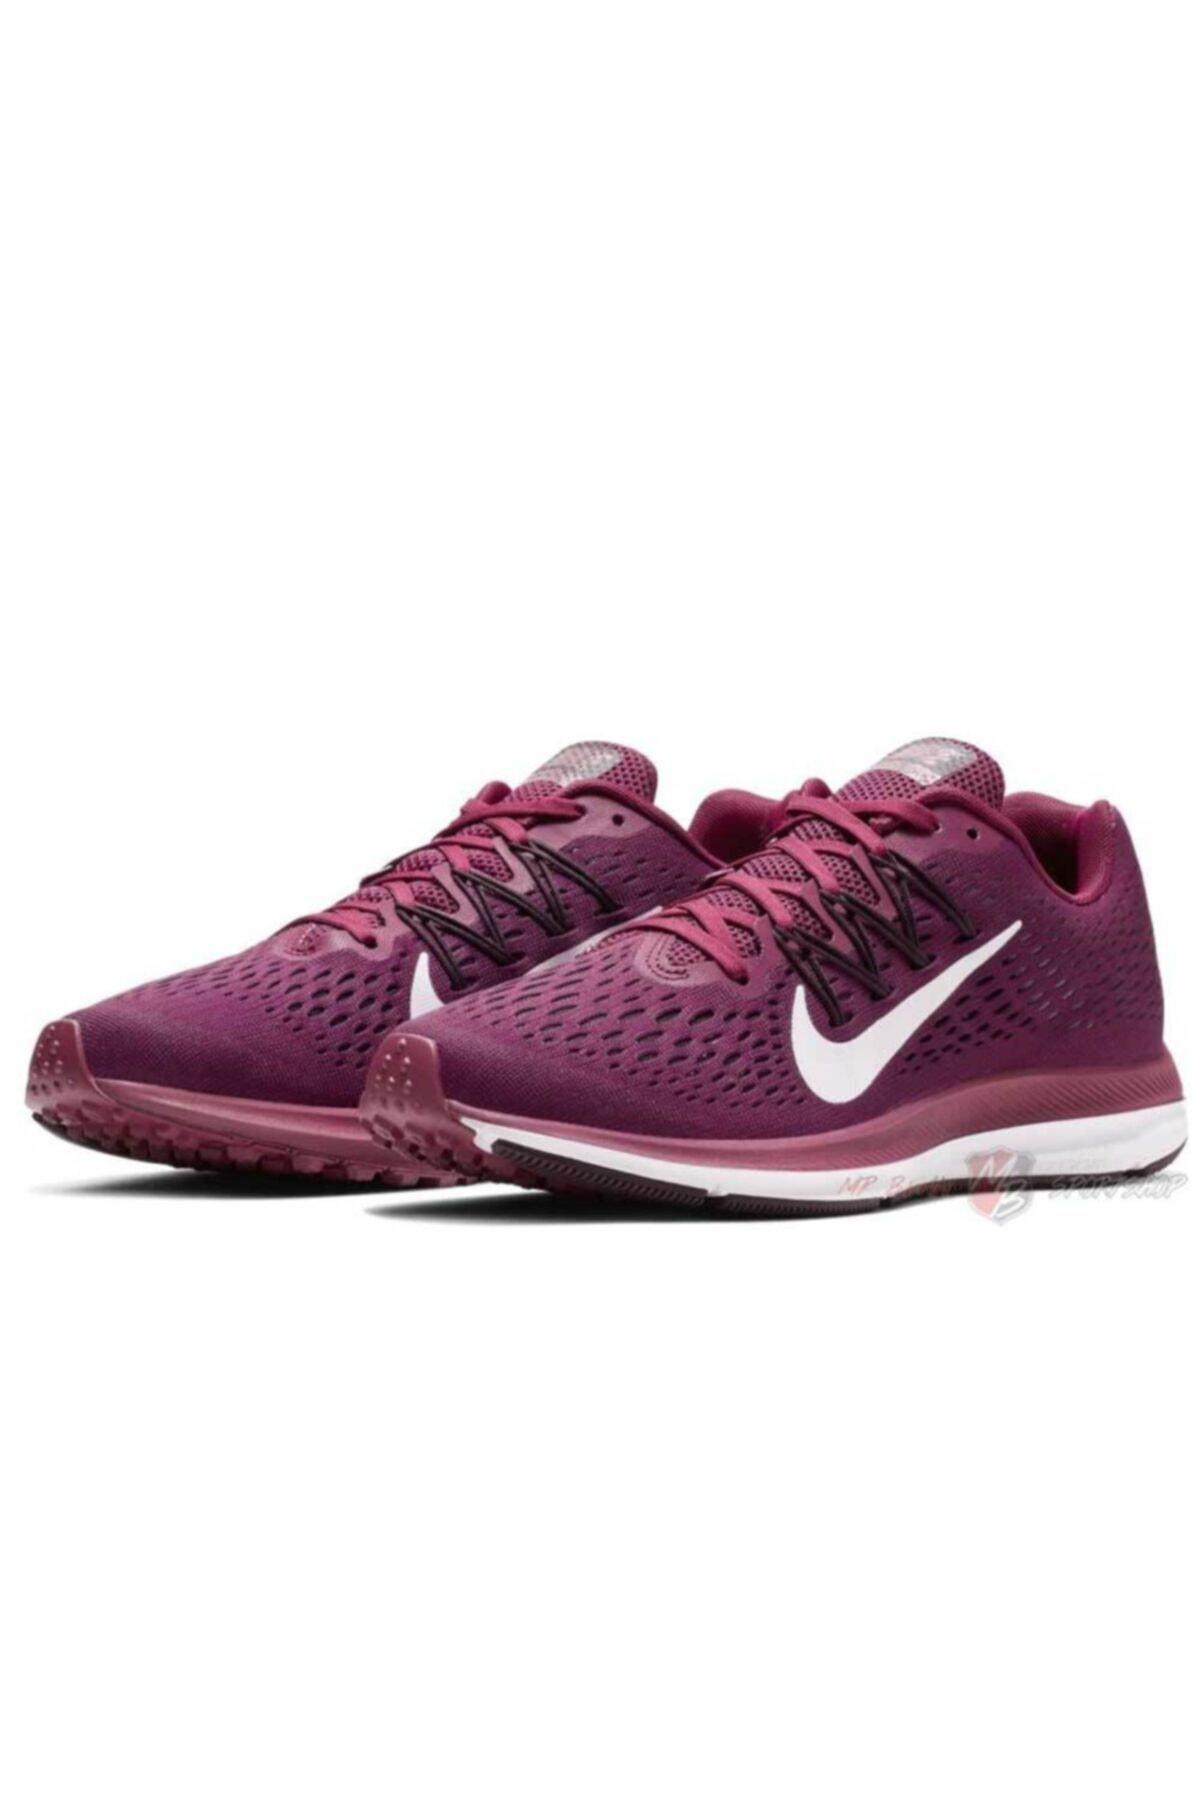 Nike Zoom Winflo 5 Aa7414-603 Günlük Spor Ayakkabısı 2